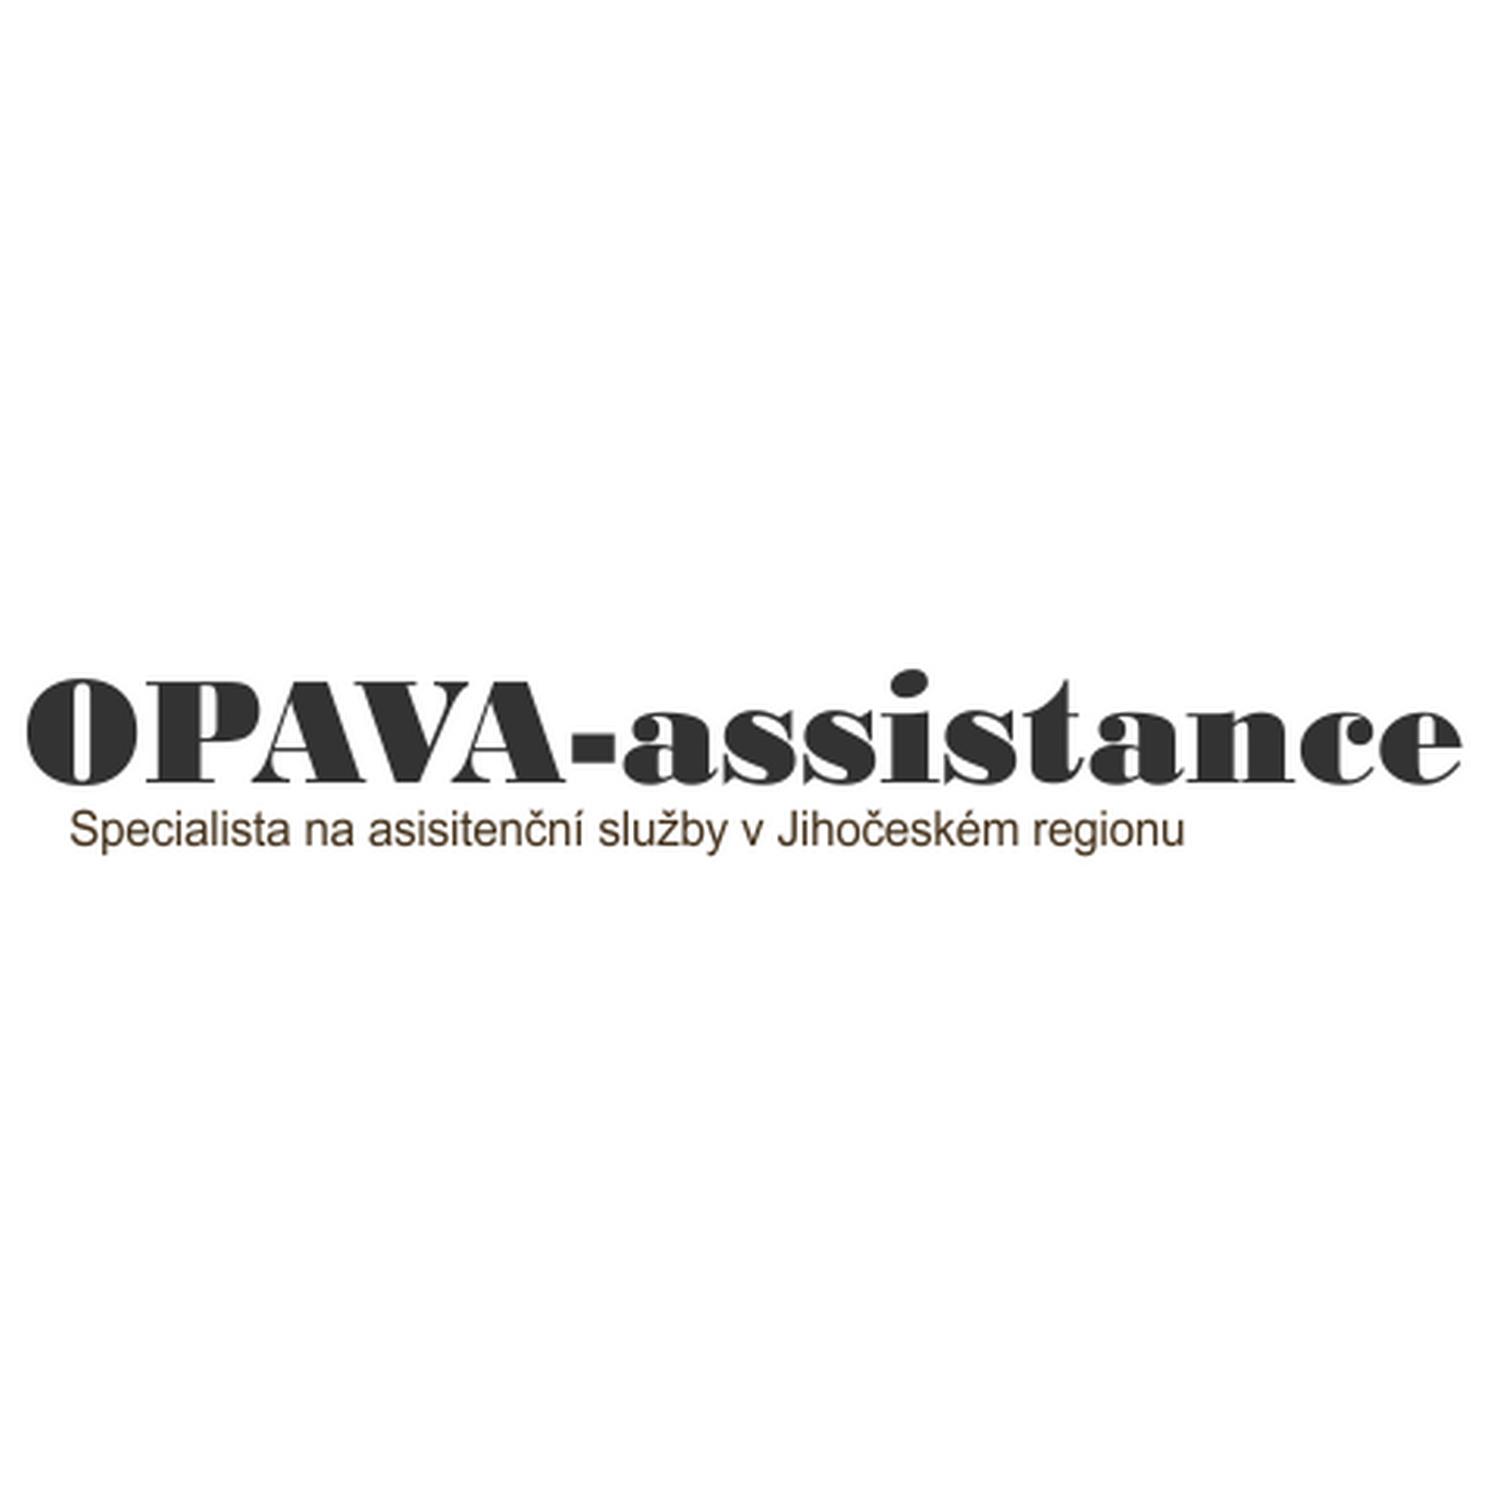 Odtahy - asistence - vyproštění